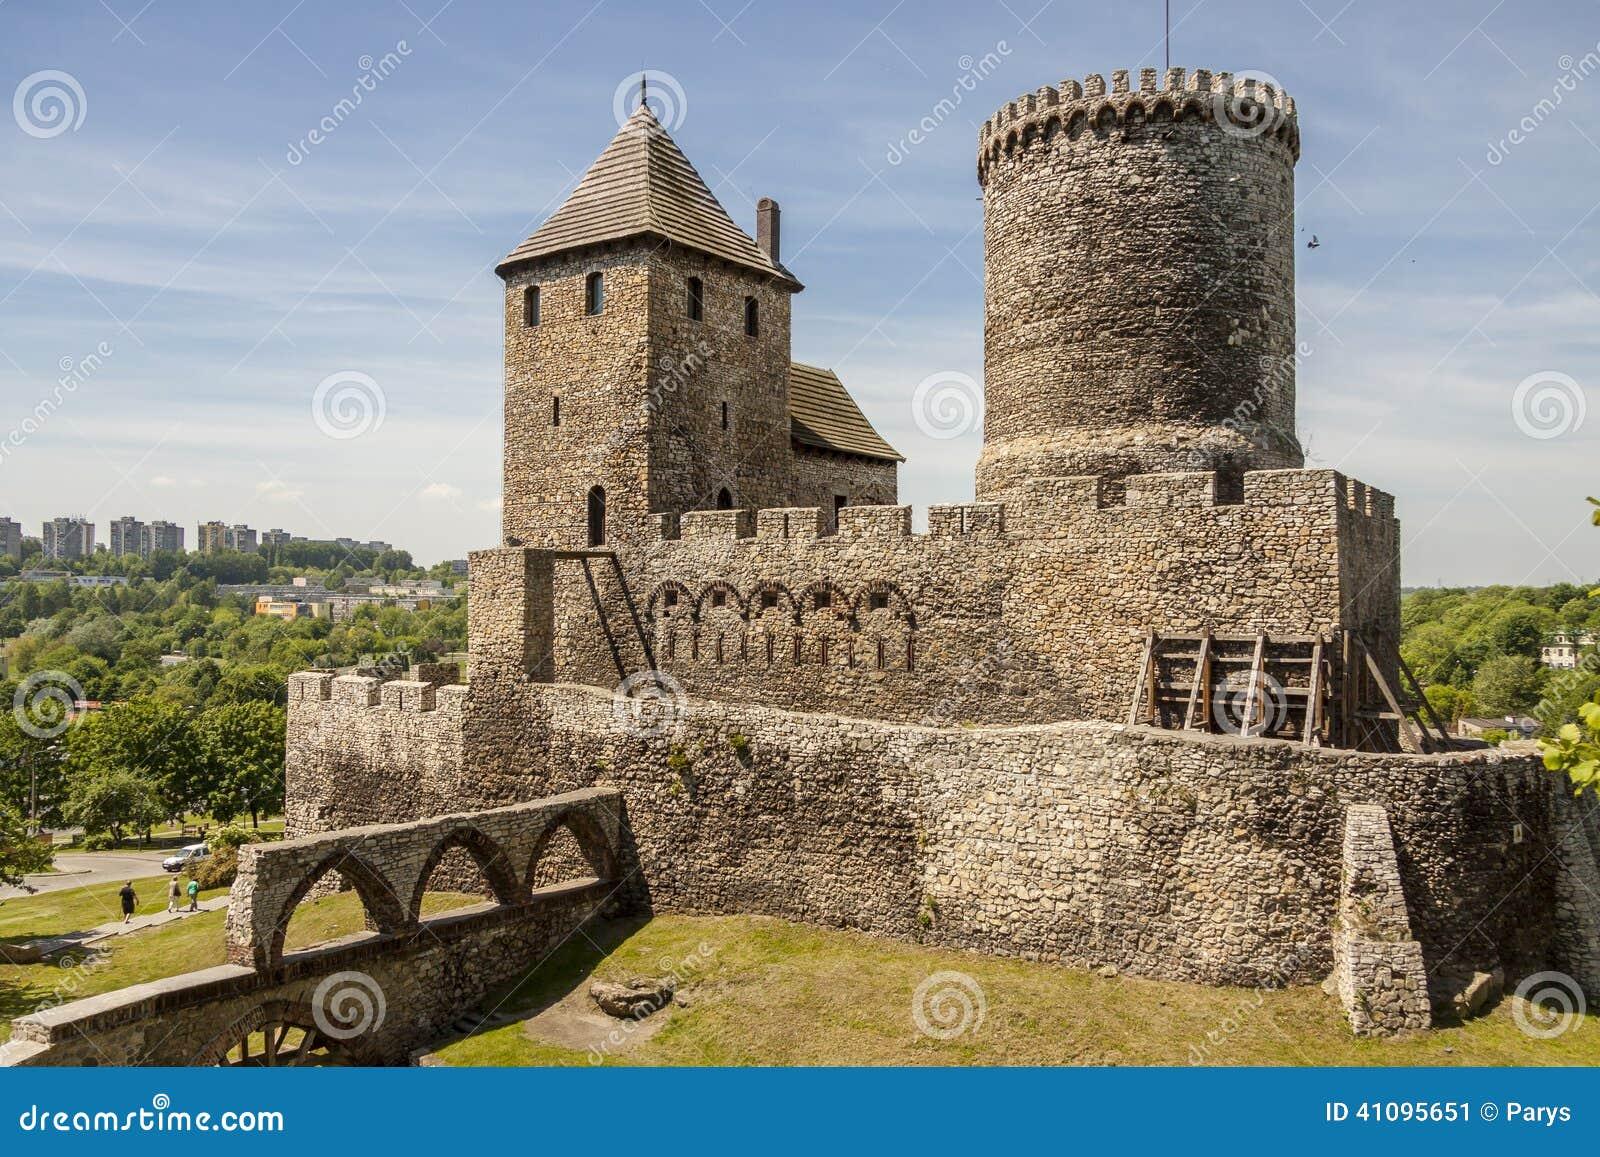 castle bedzin poland medieval - photo #14